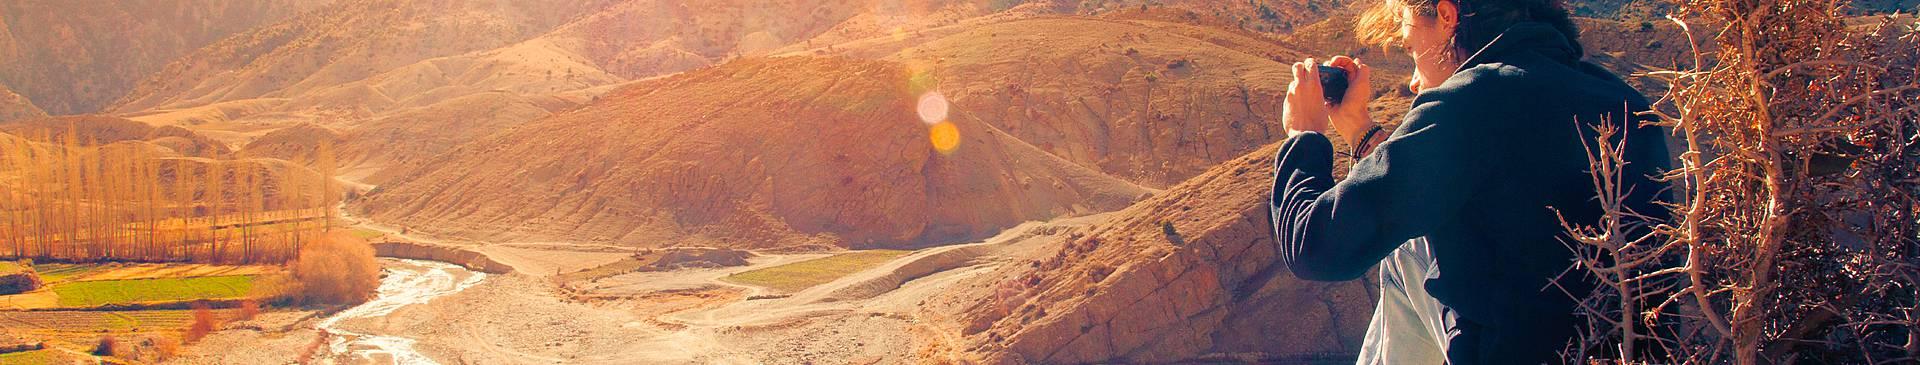 Trekking en Marruecos